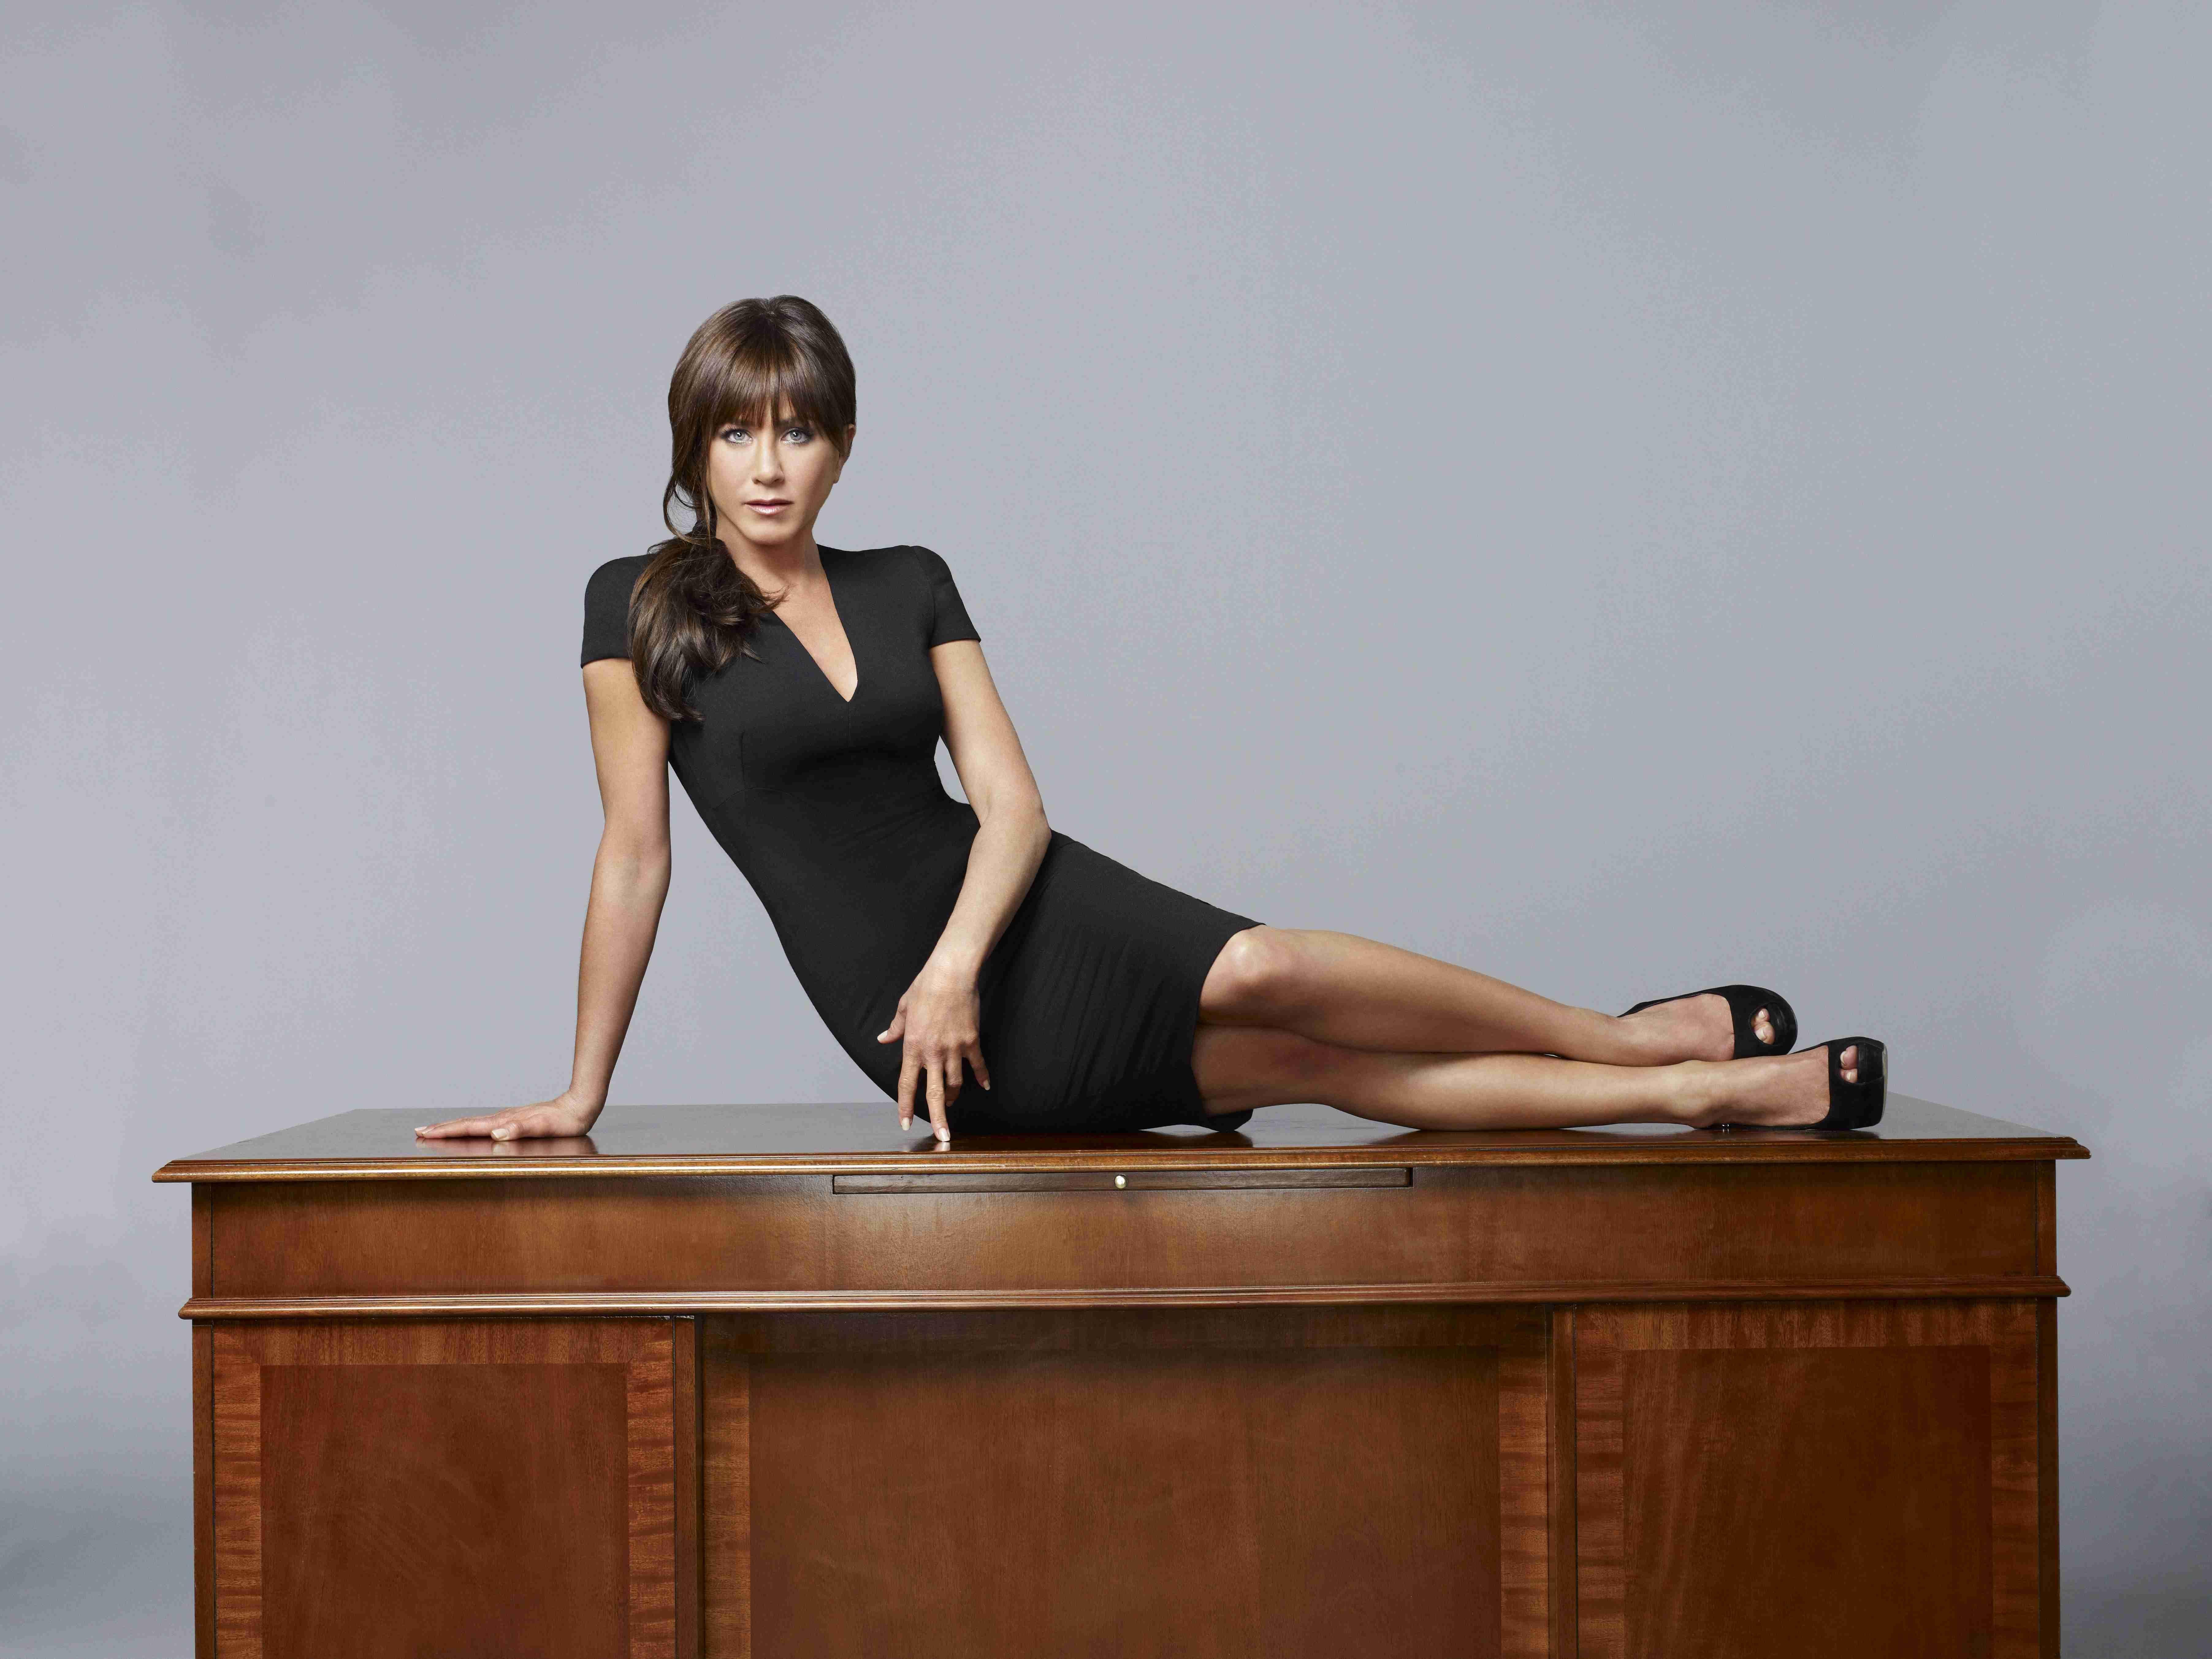 Pin uživatele Katerina Malovcova na nástěnce Jennifer aniston ... dea6c670b41